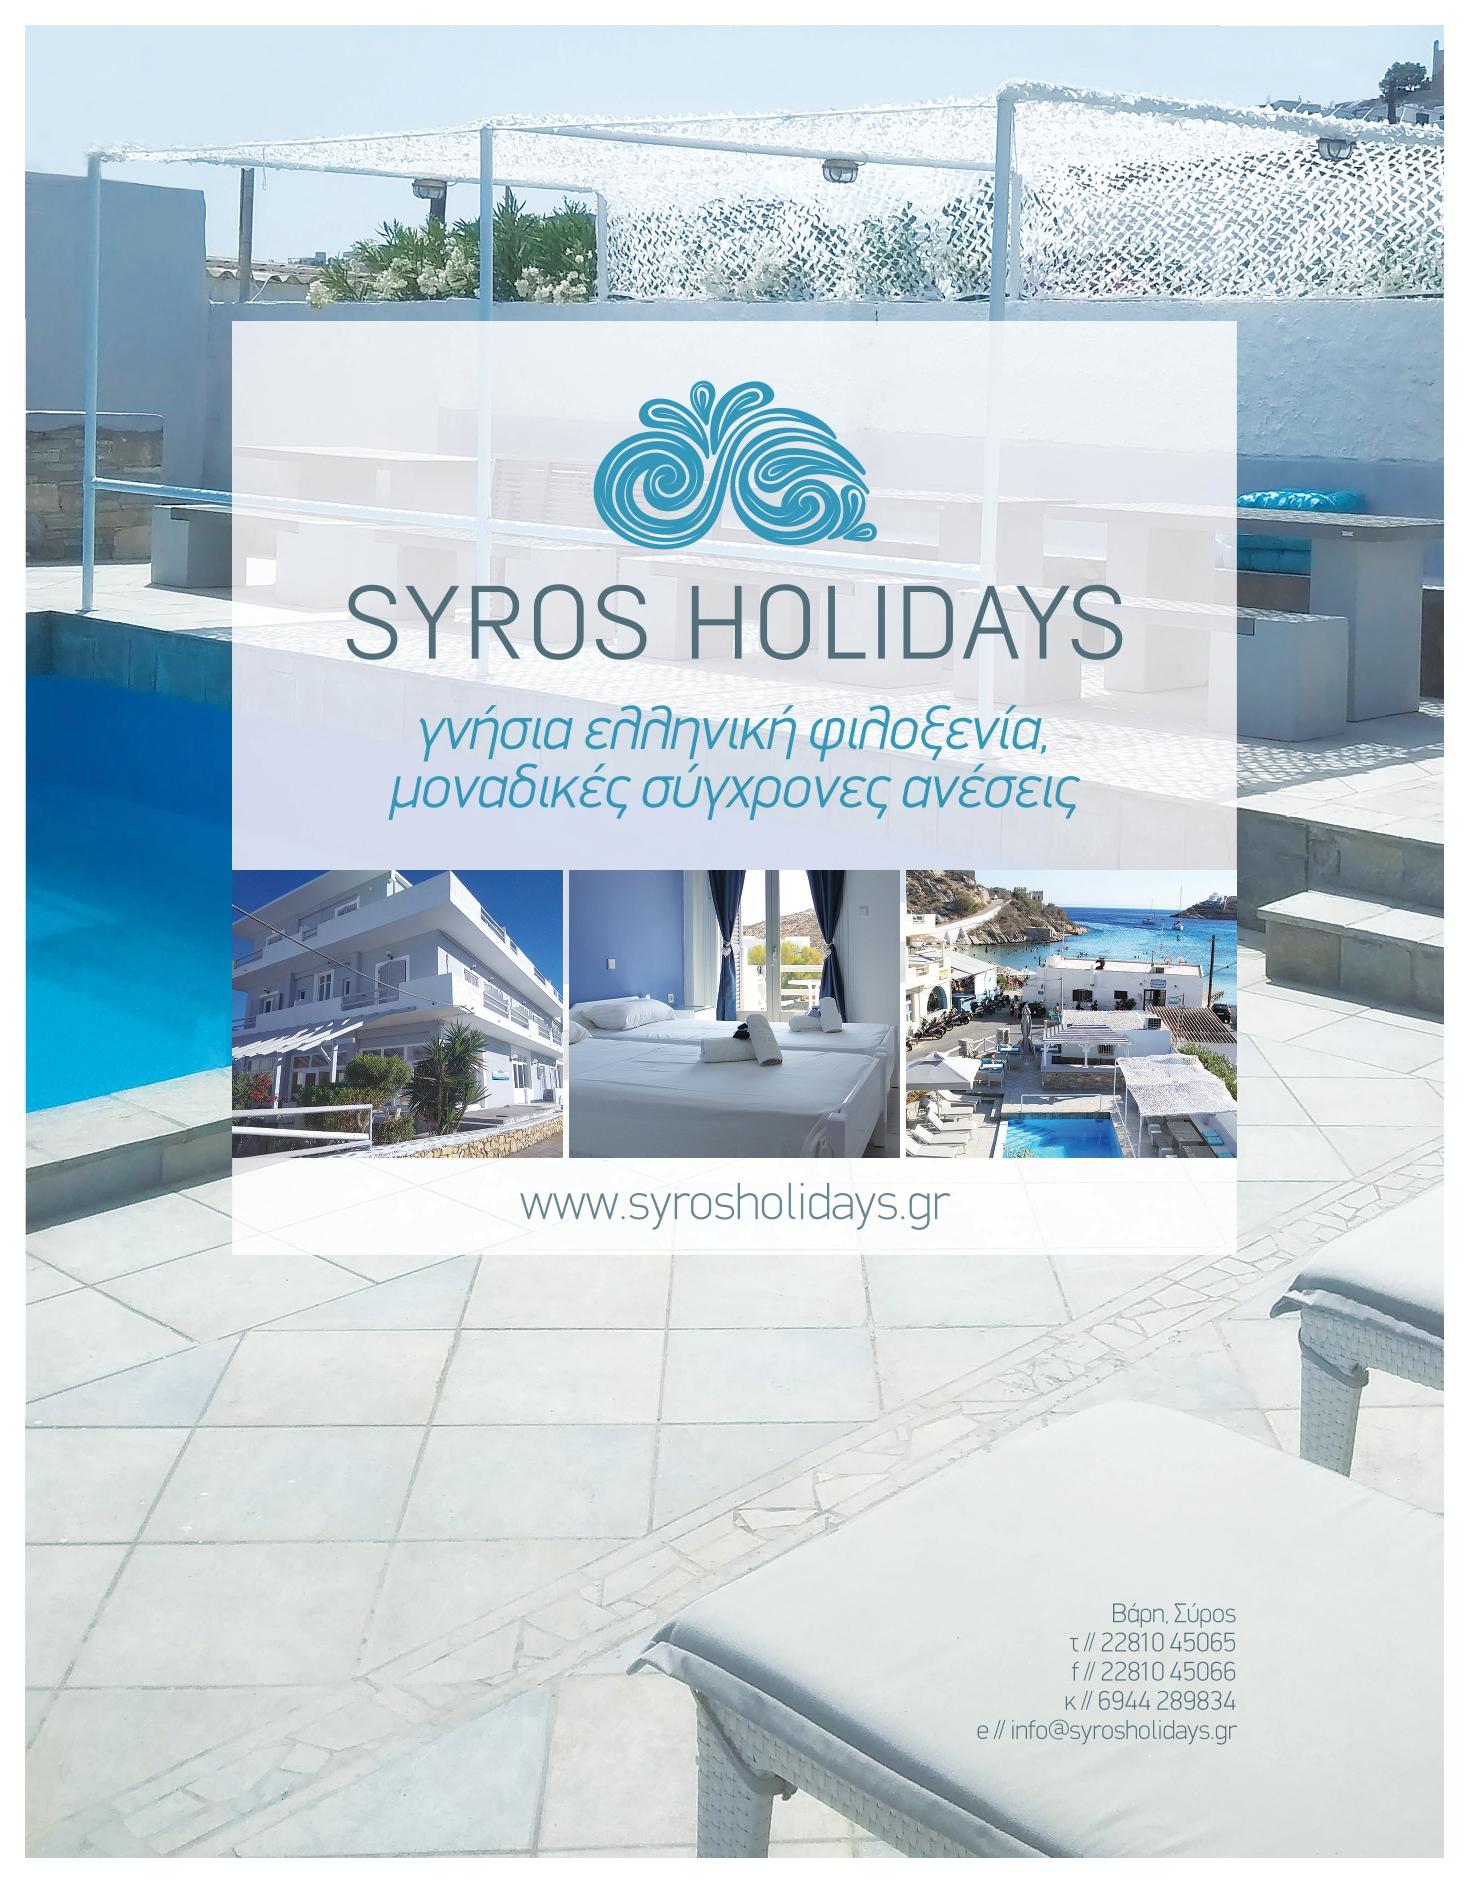 SYROS HOLIDAYS